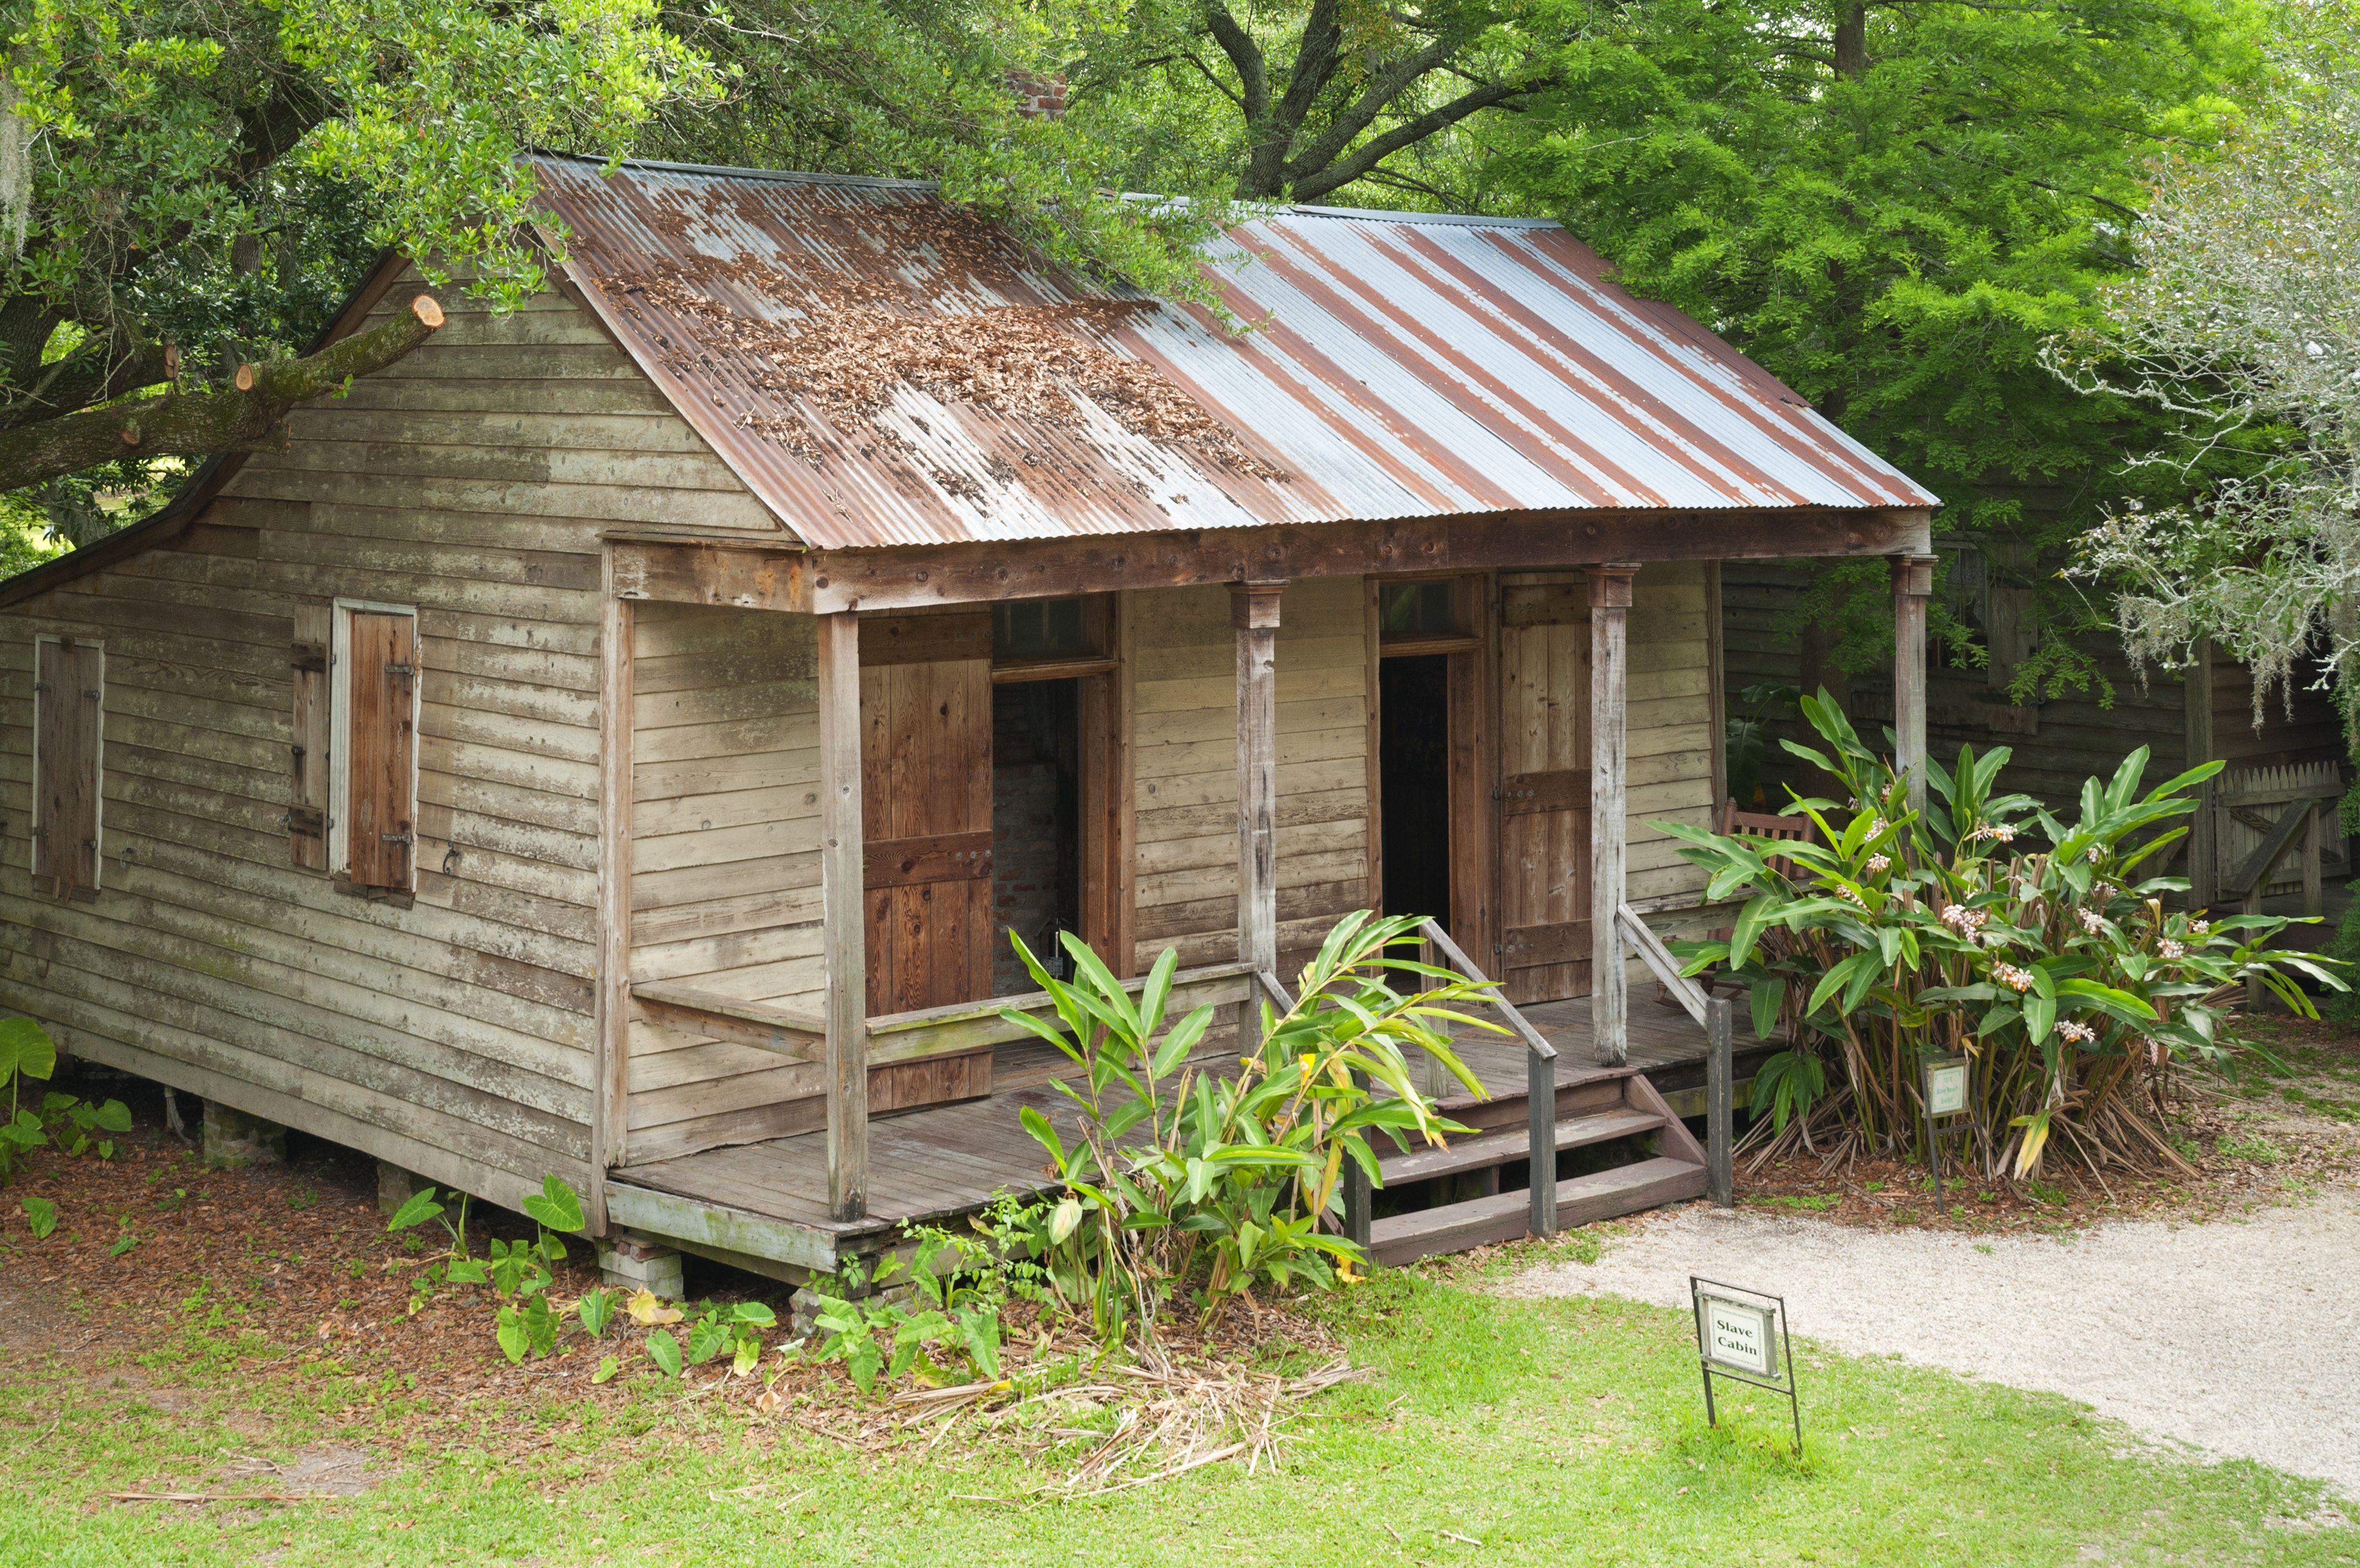 simple cabane en bois étages, toit en métal suspendu au-dessus porche avec des poteaux minces